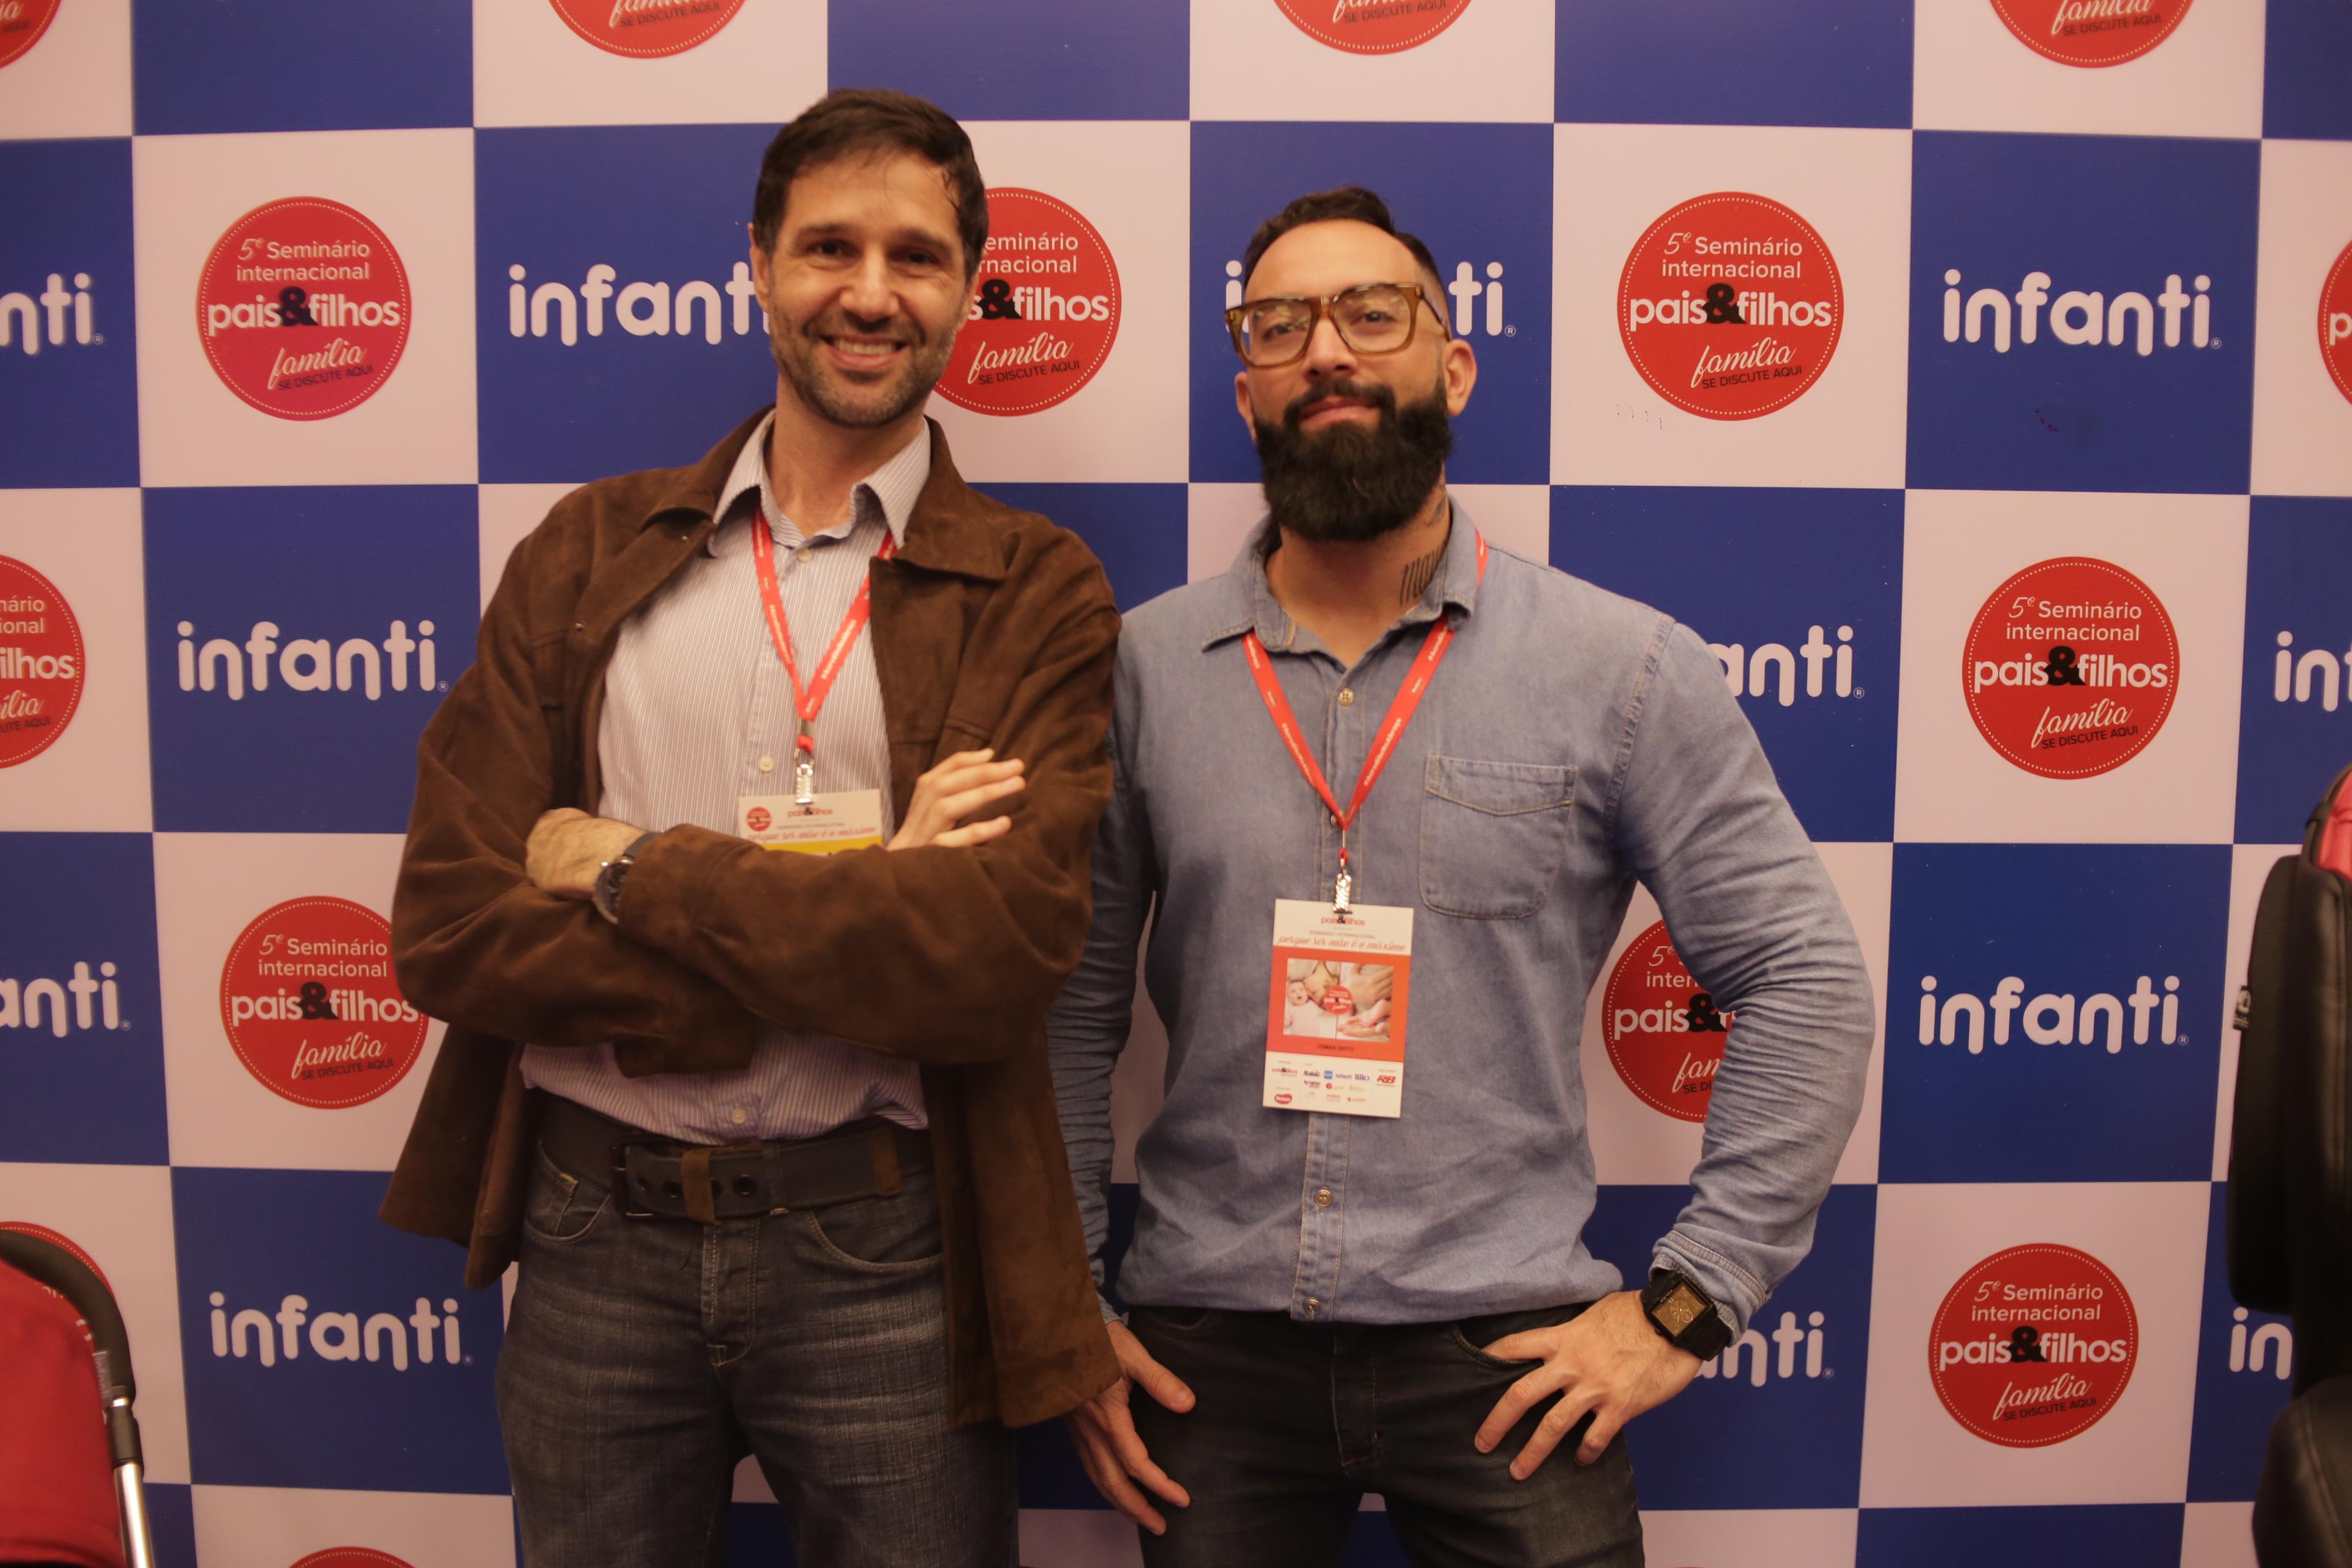 Adriano Bisker e Tomás Dotti no espaço Infanti